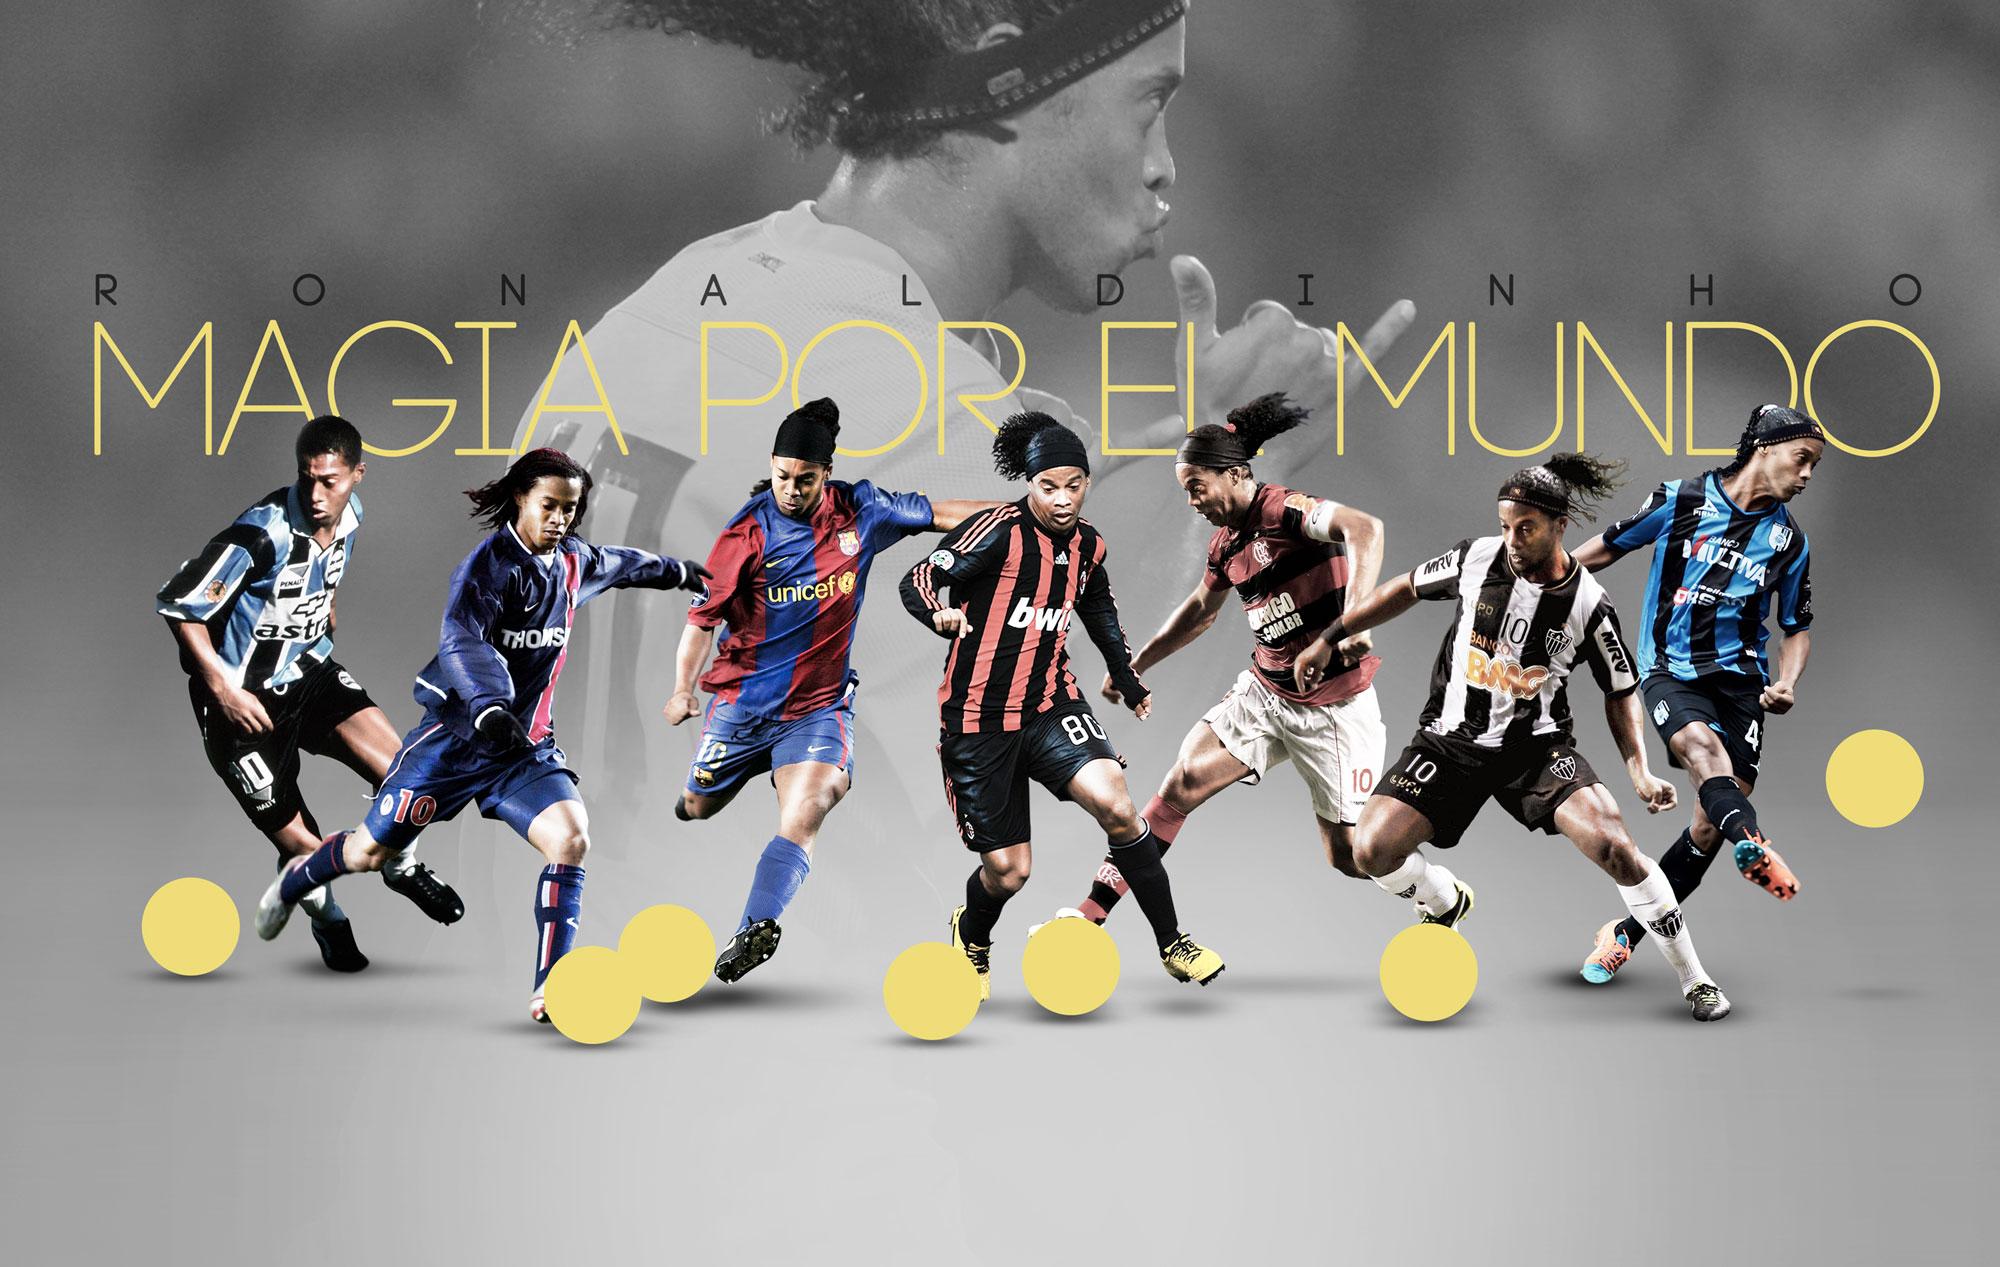 Los distintos equipos de Ronaldinho